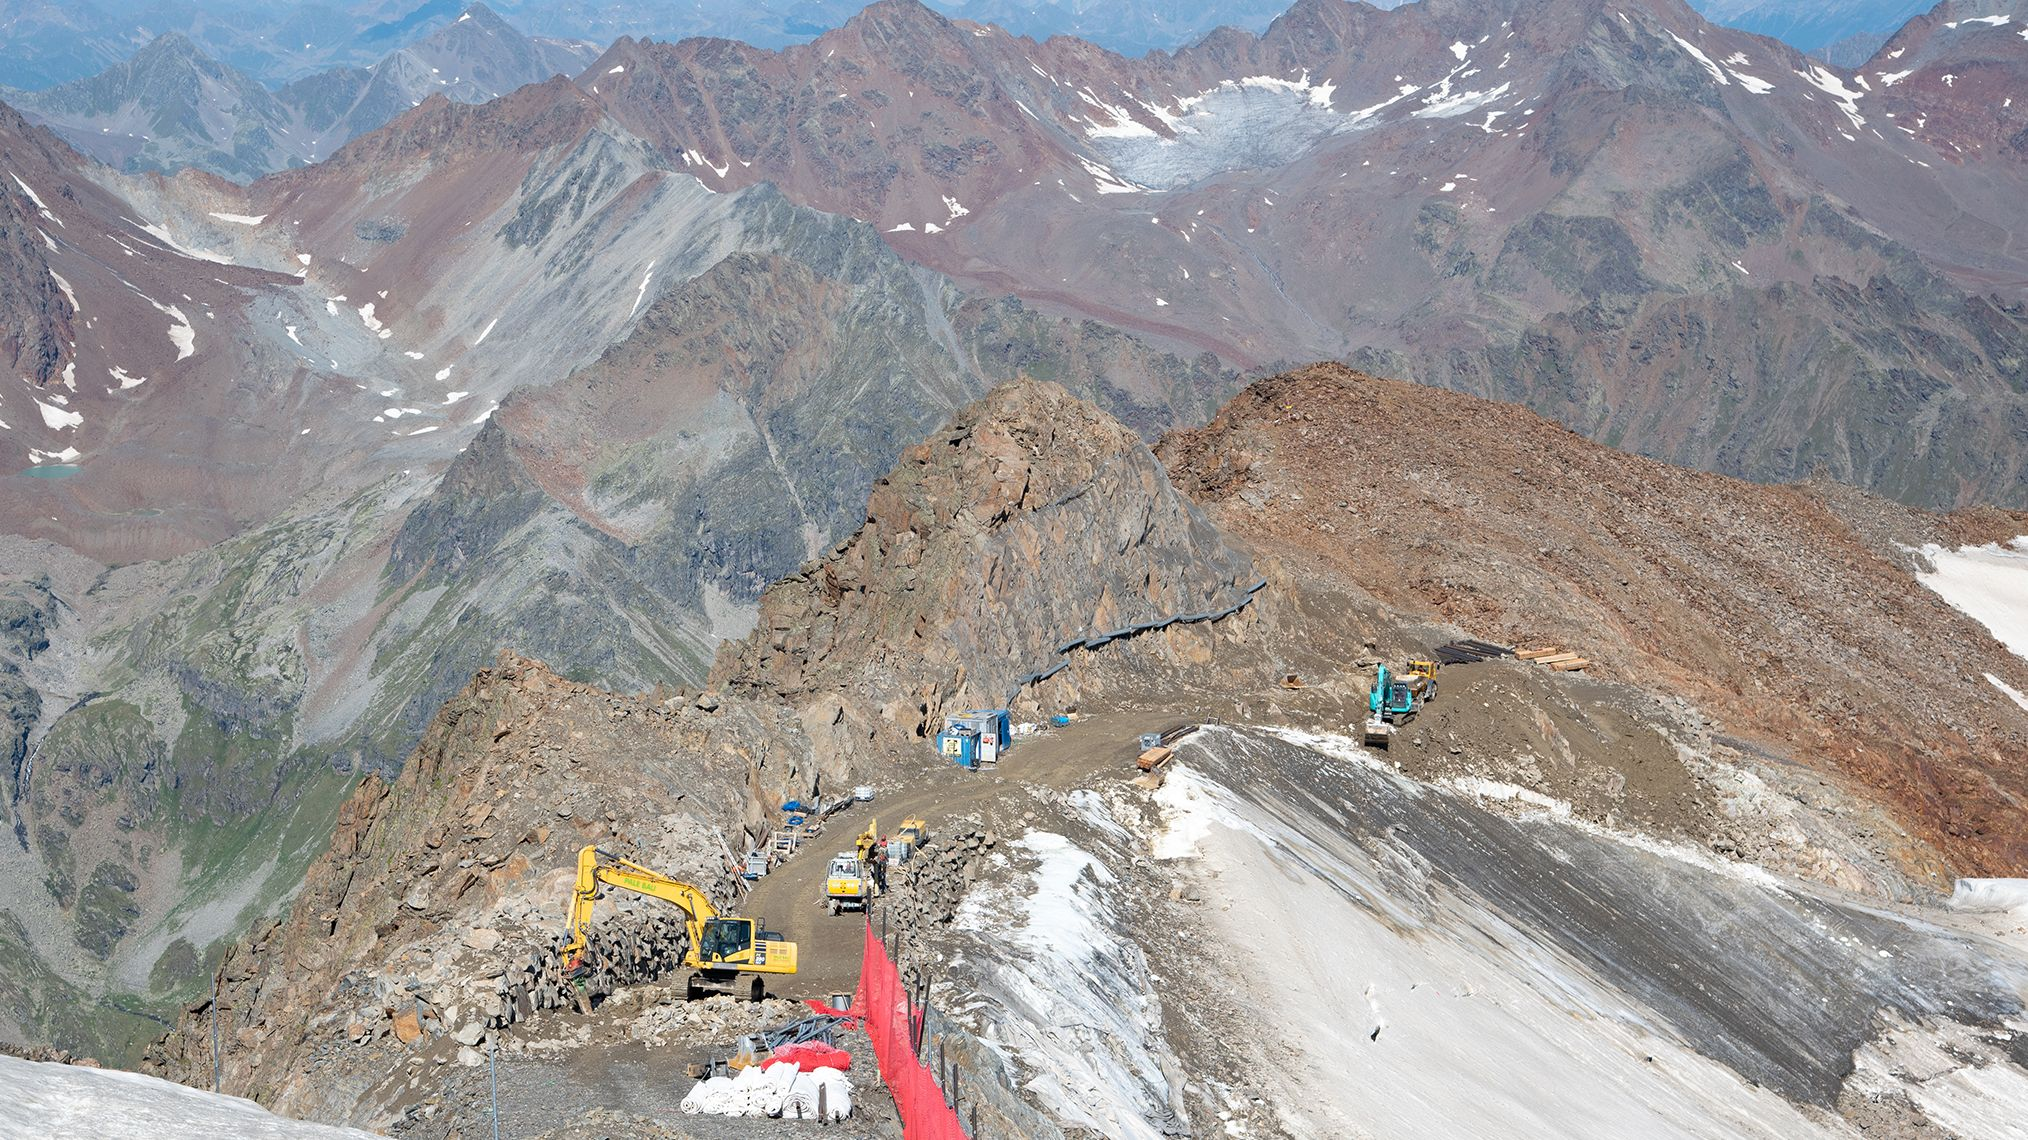 Der abgerissene Berggrat wird neu aufgebaut.